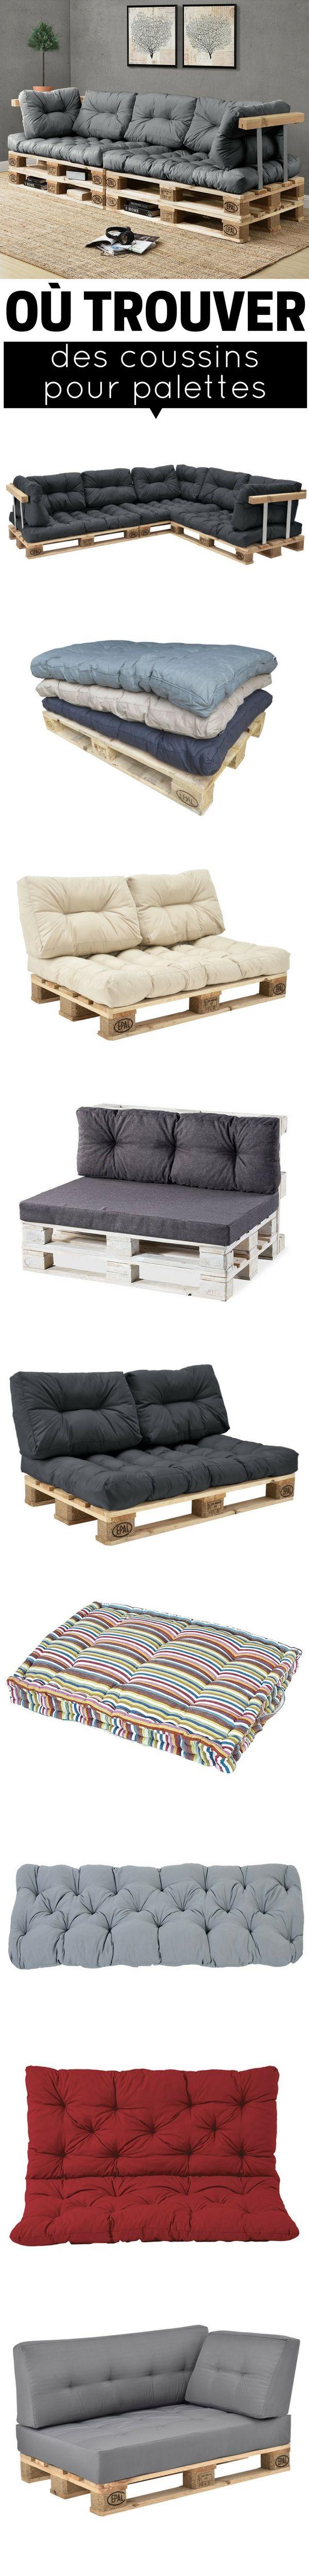 Coussin pour palette : où trouver des coussins pour meubles en ...